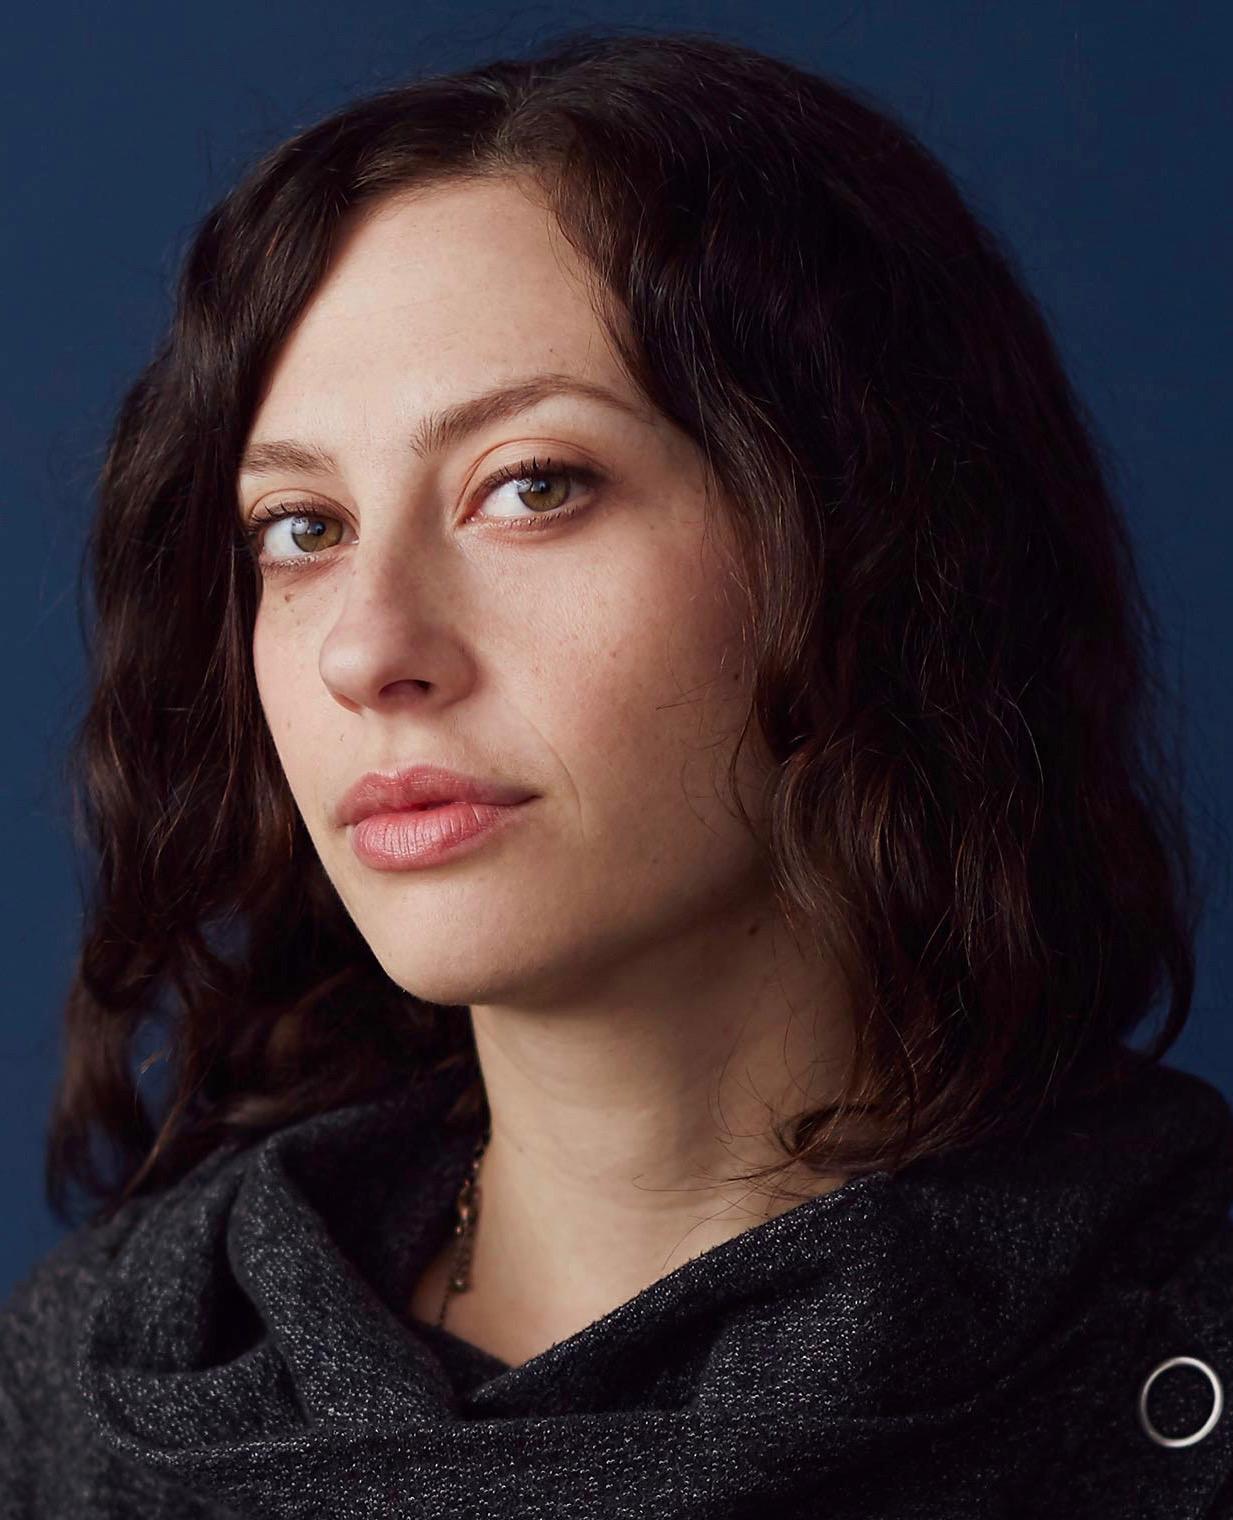 Sasha-Lubomirsky-hero-1175x760.jpg